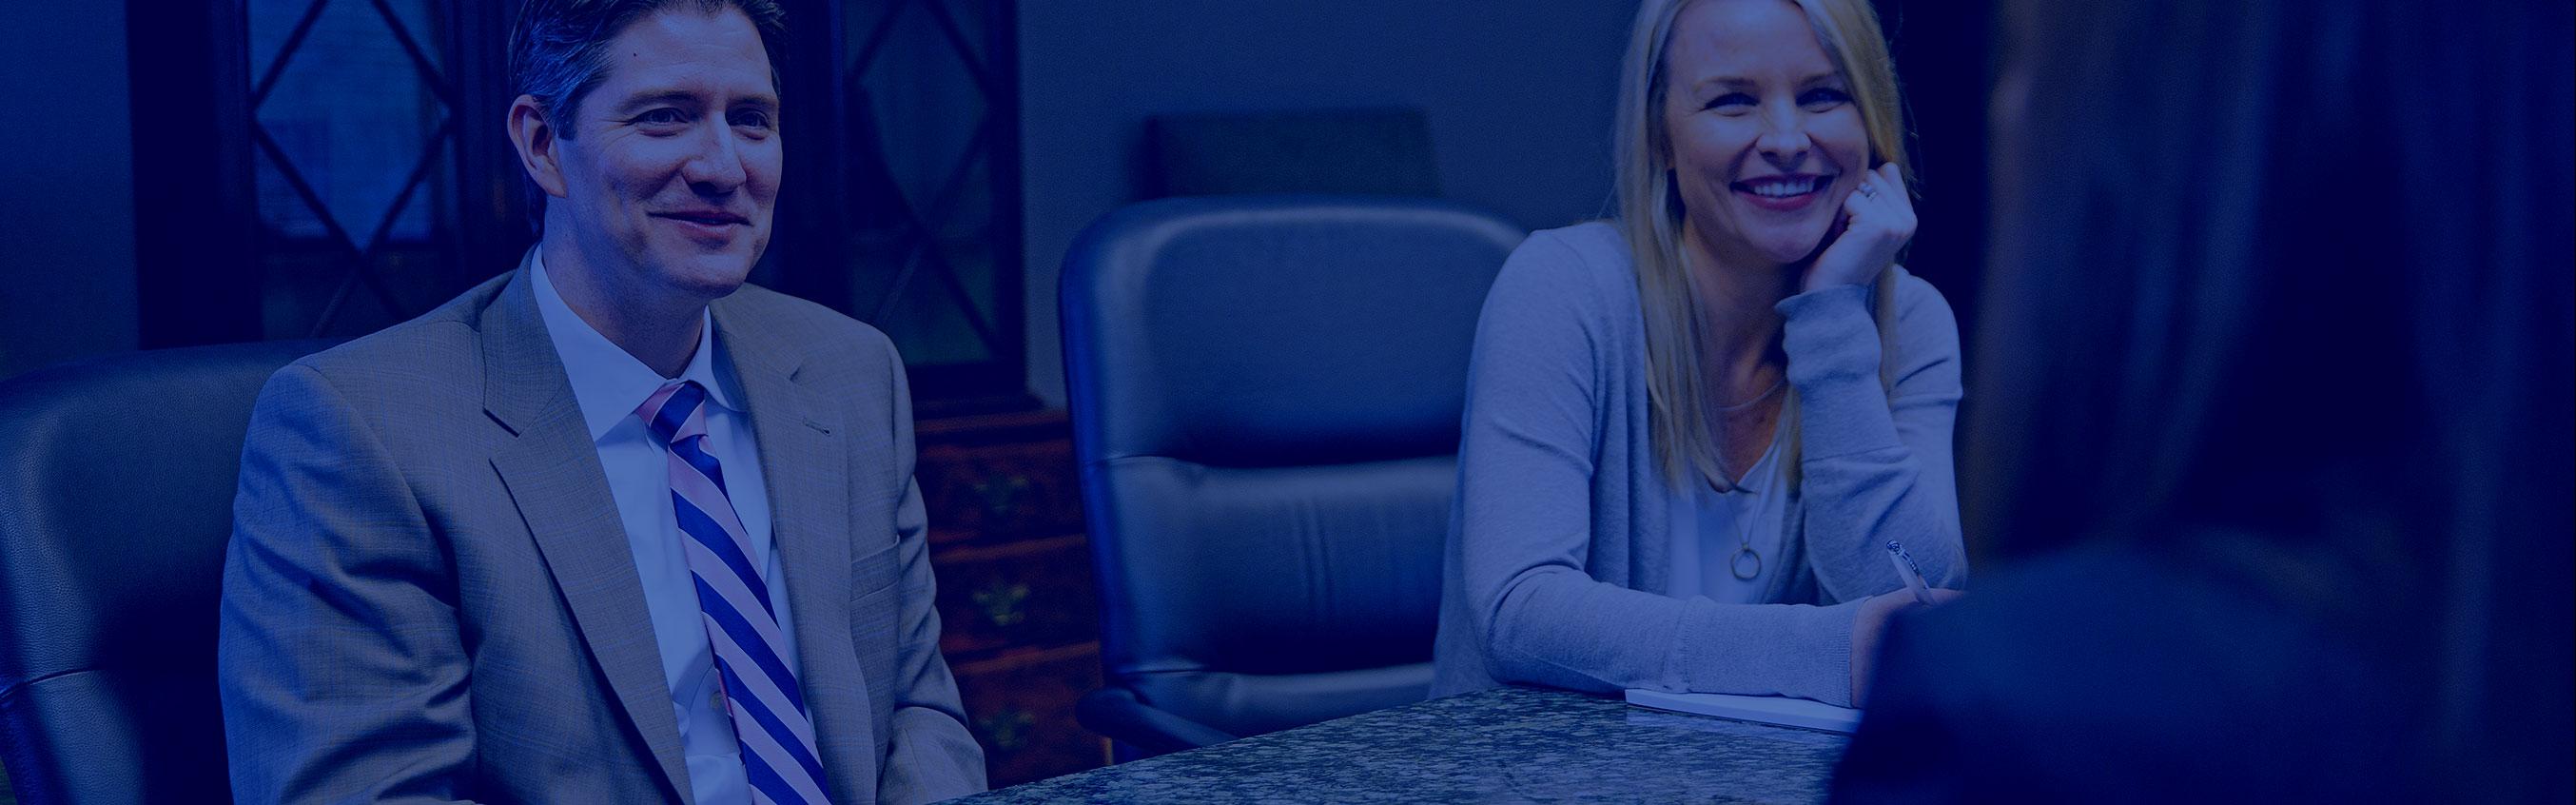 slide-blue-meeting